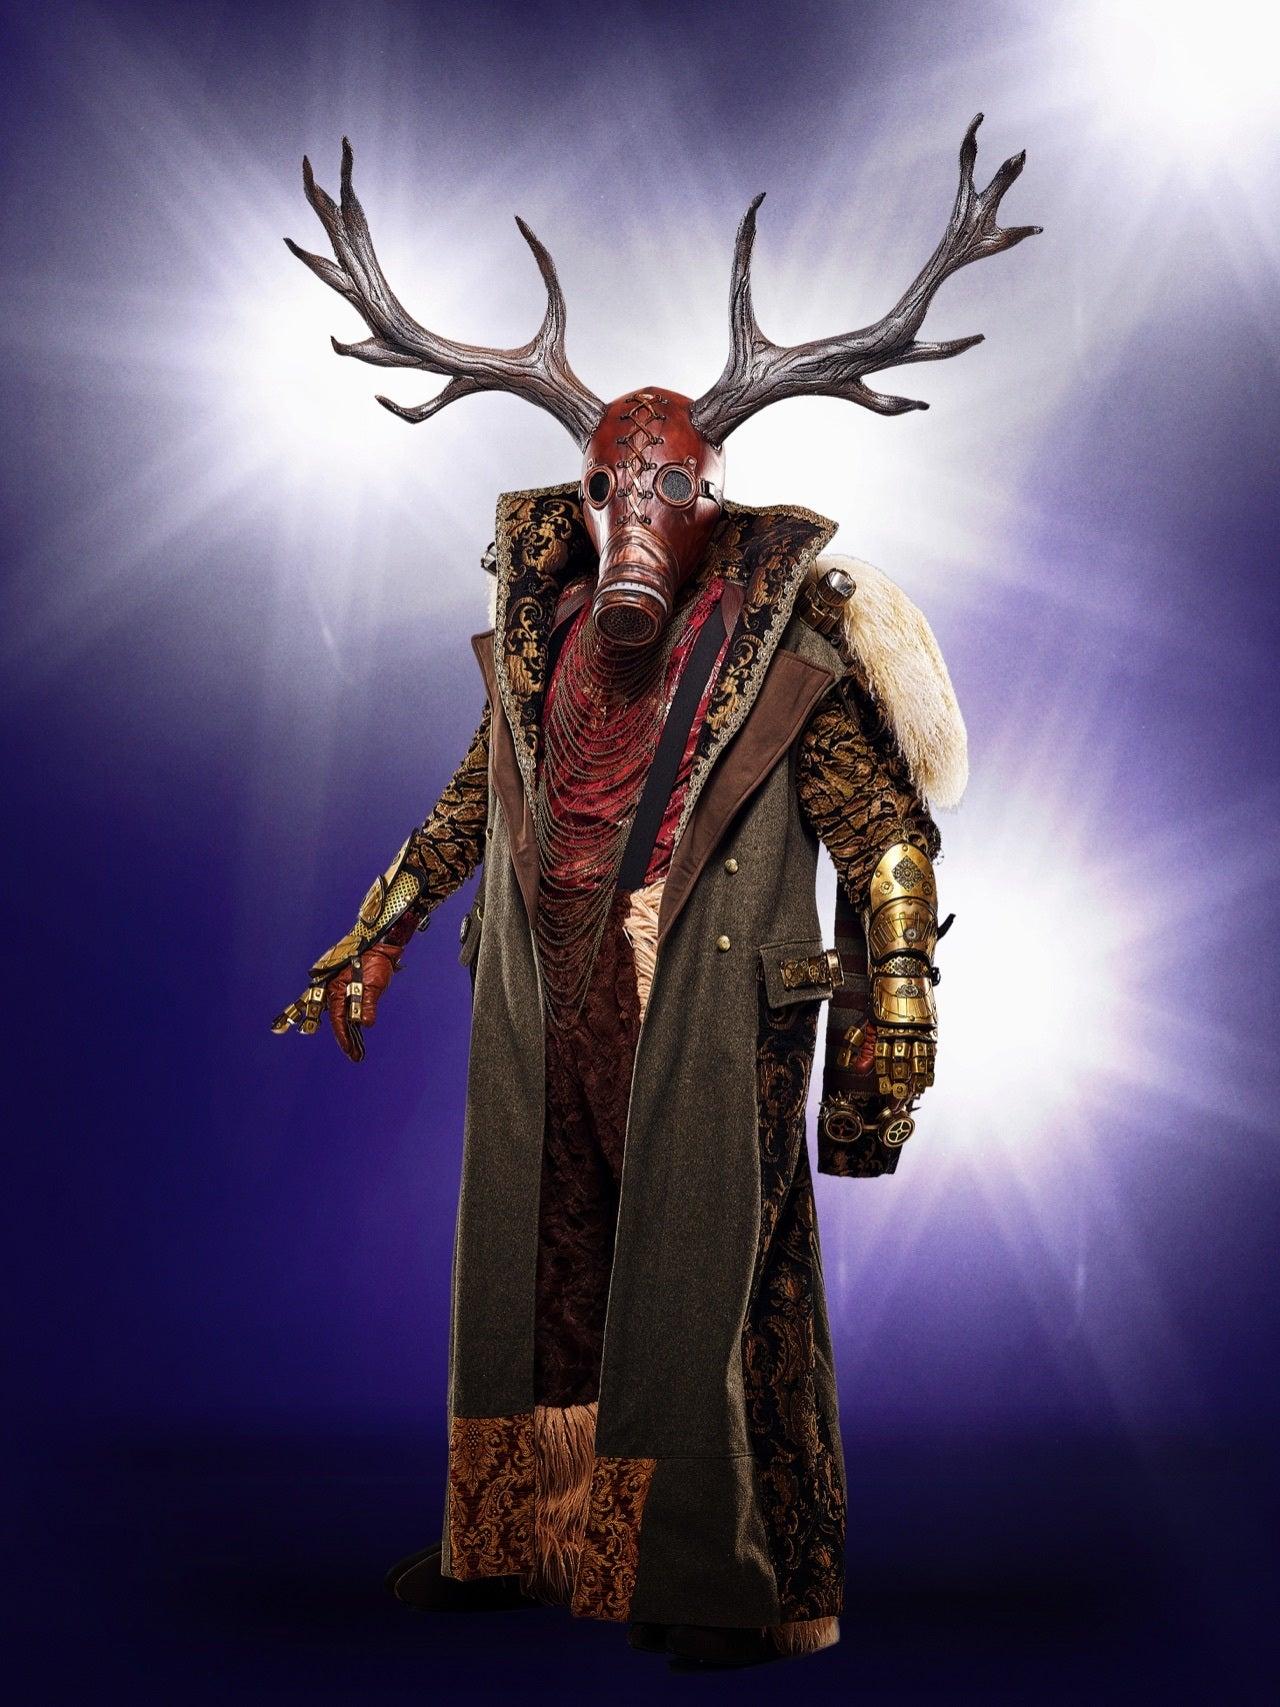 the-masked-singer-deer-fox-michael-becker-20052985.jpeg&f=1&nofb=1